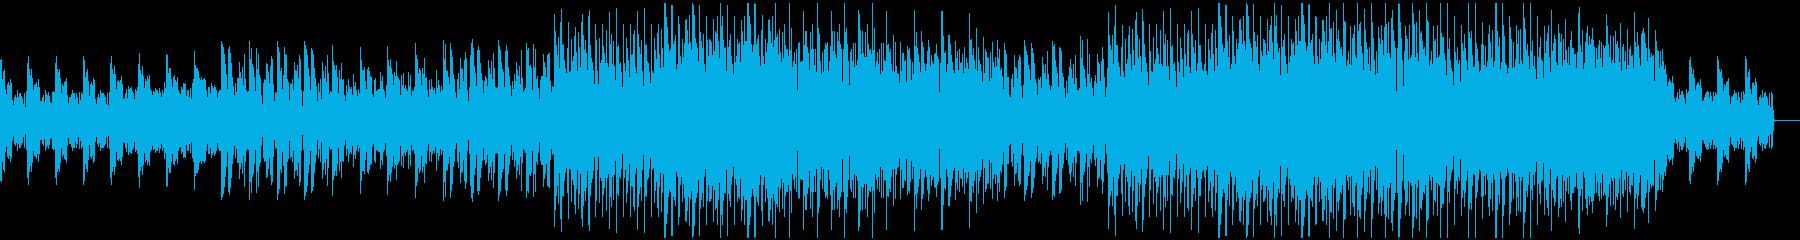 ピアノ楽曲-現代音楽的アプローチの再生済みの波形